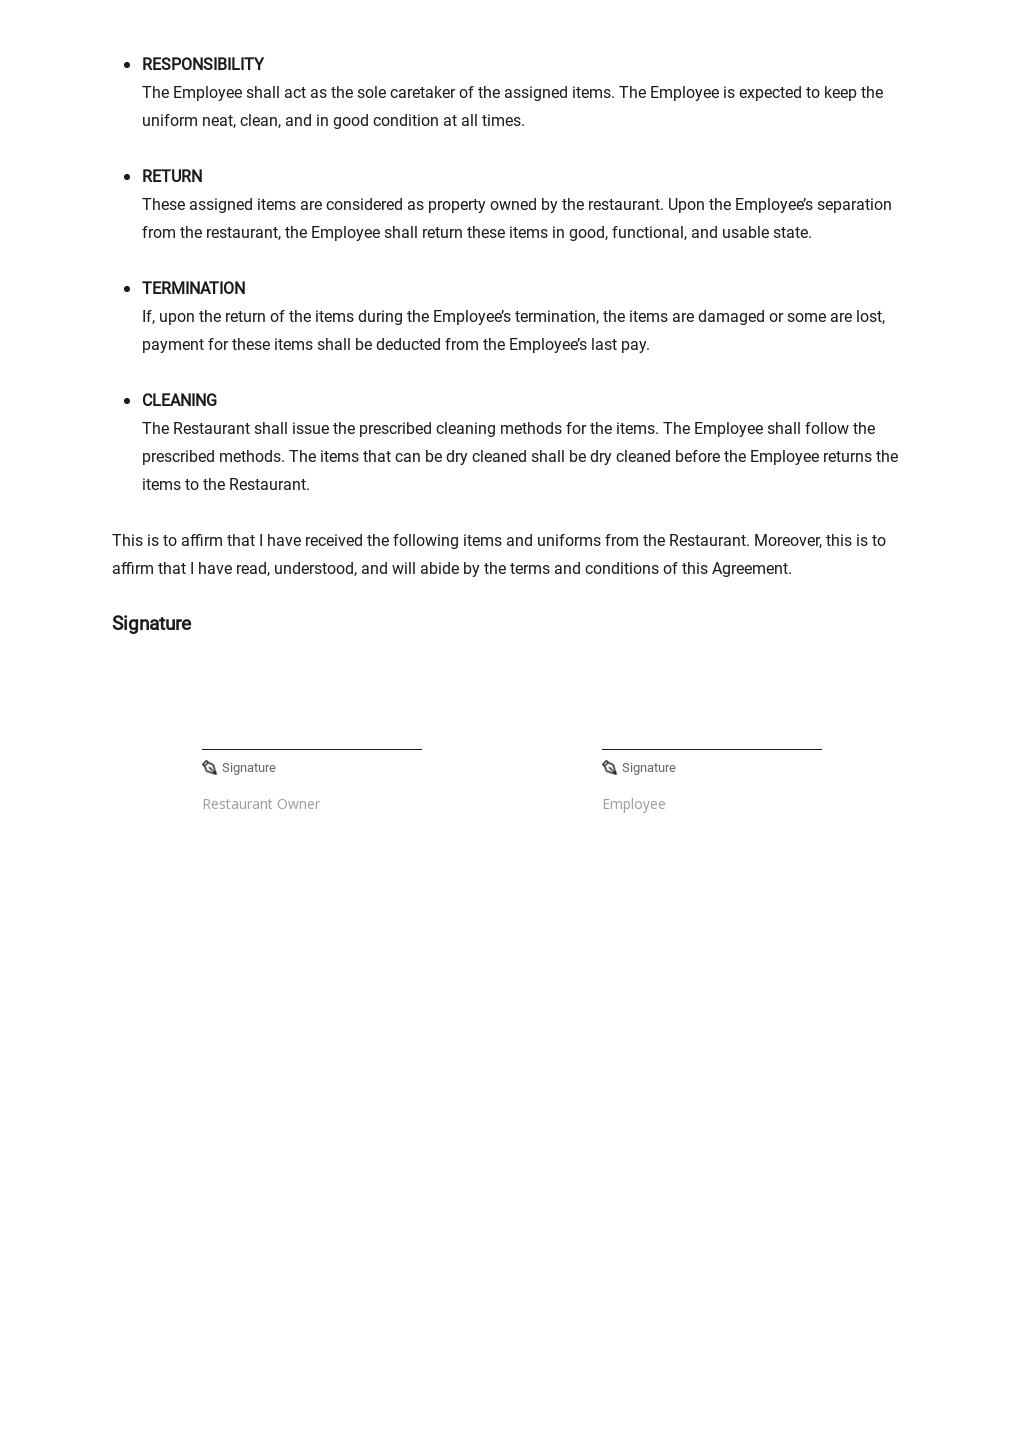 Restaurant Uniform Agreement Template 2.jpe